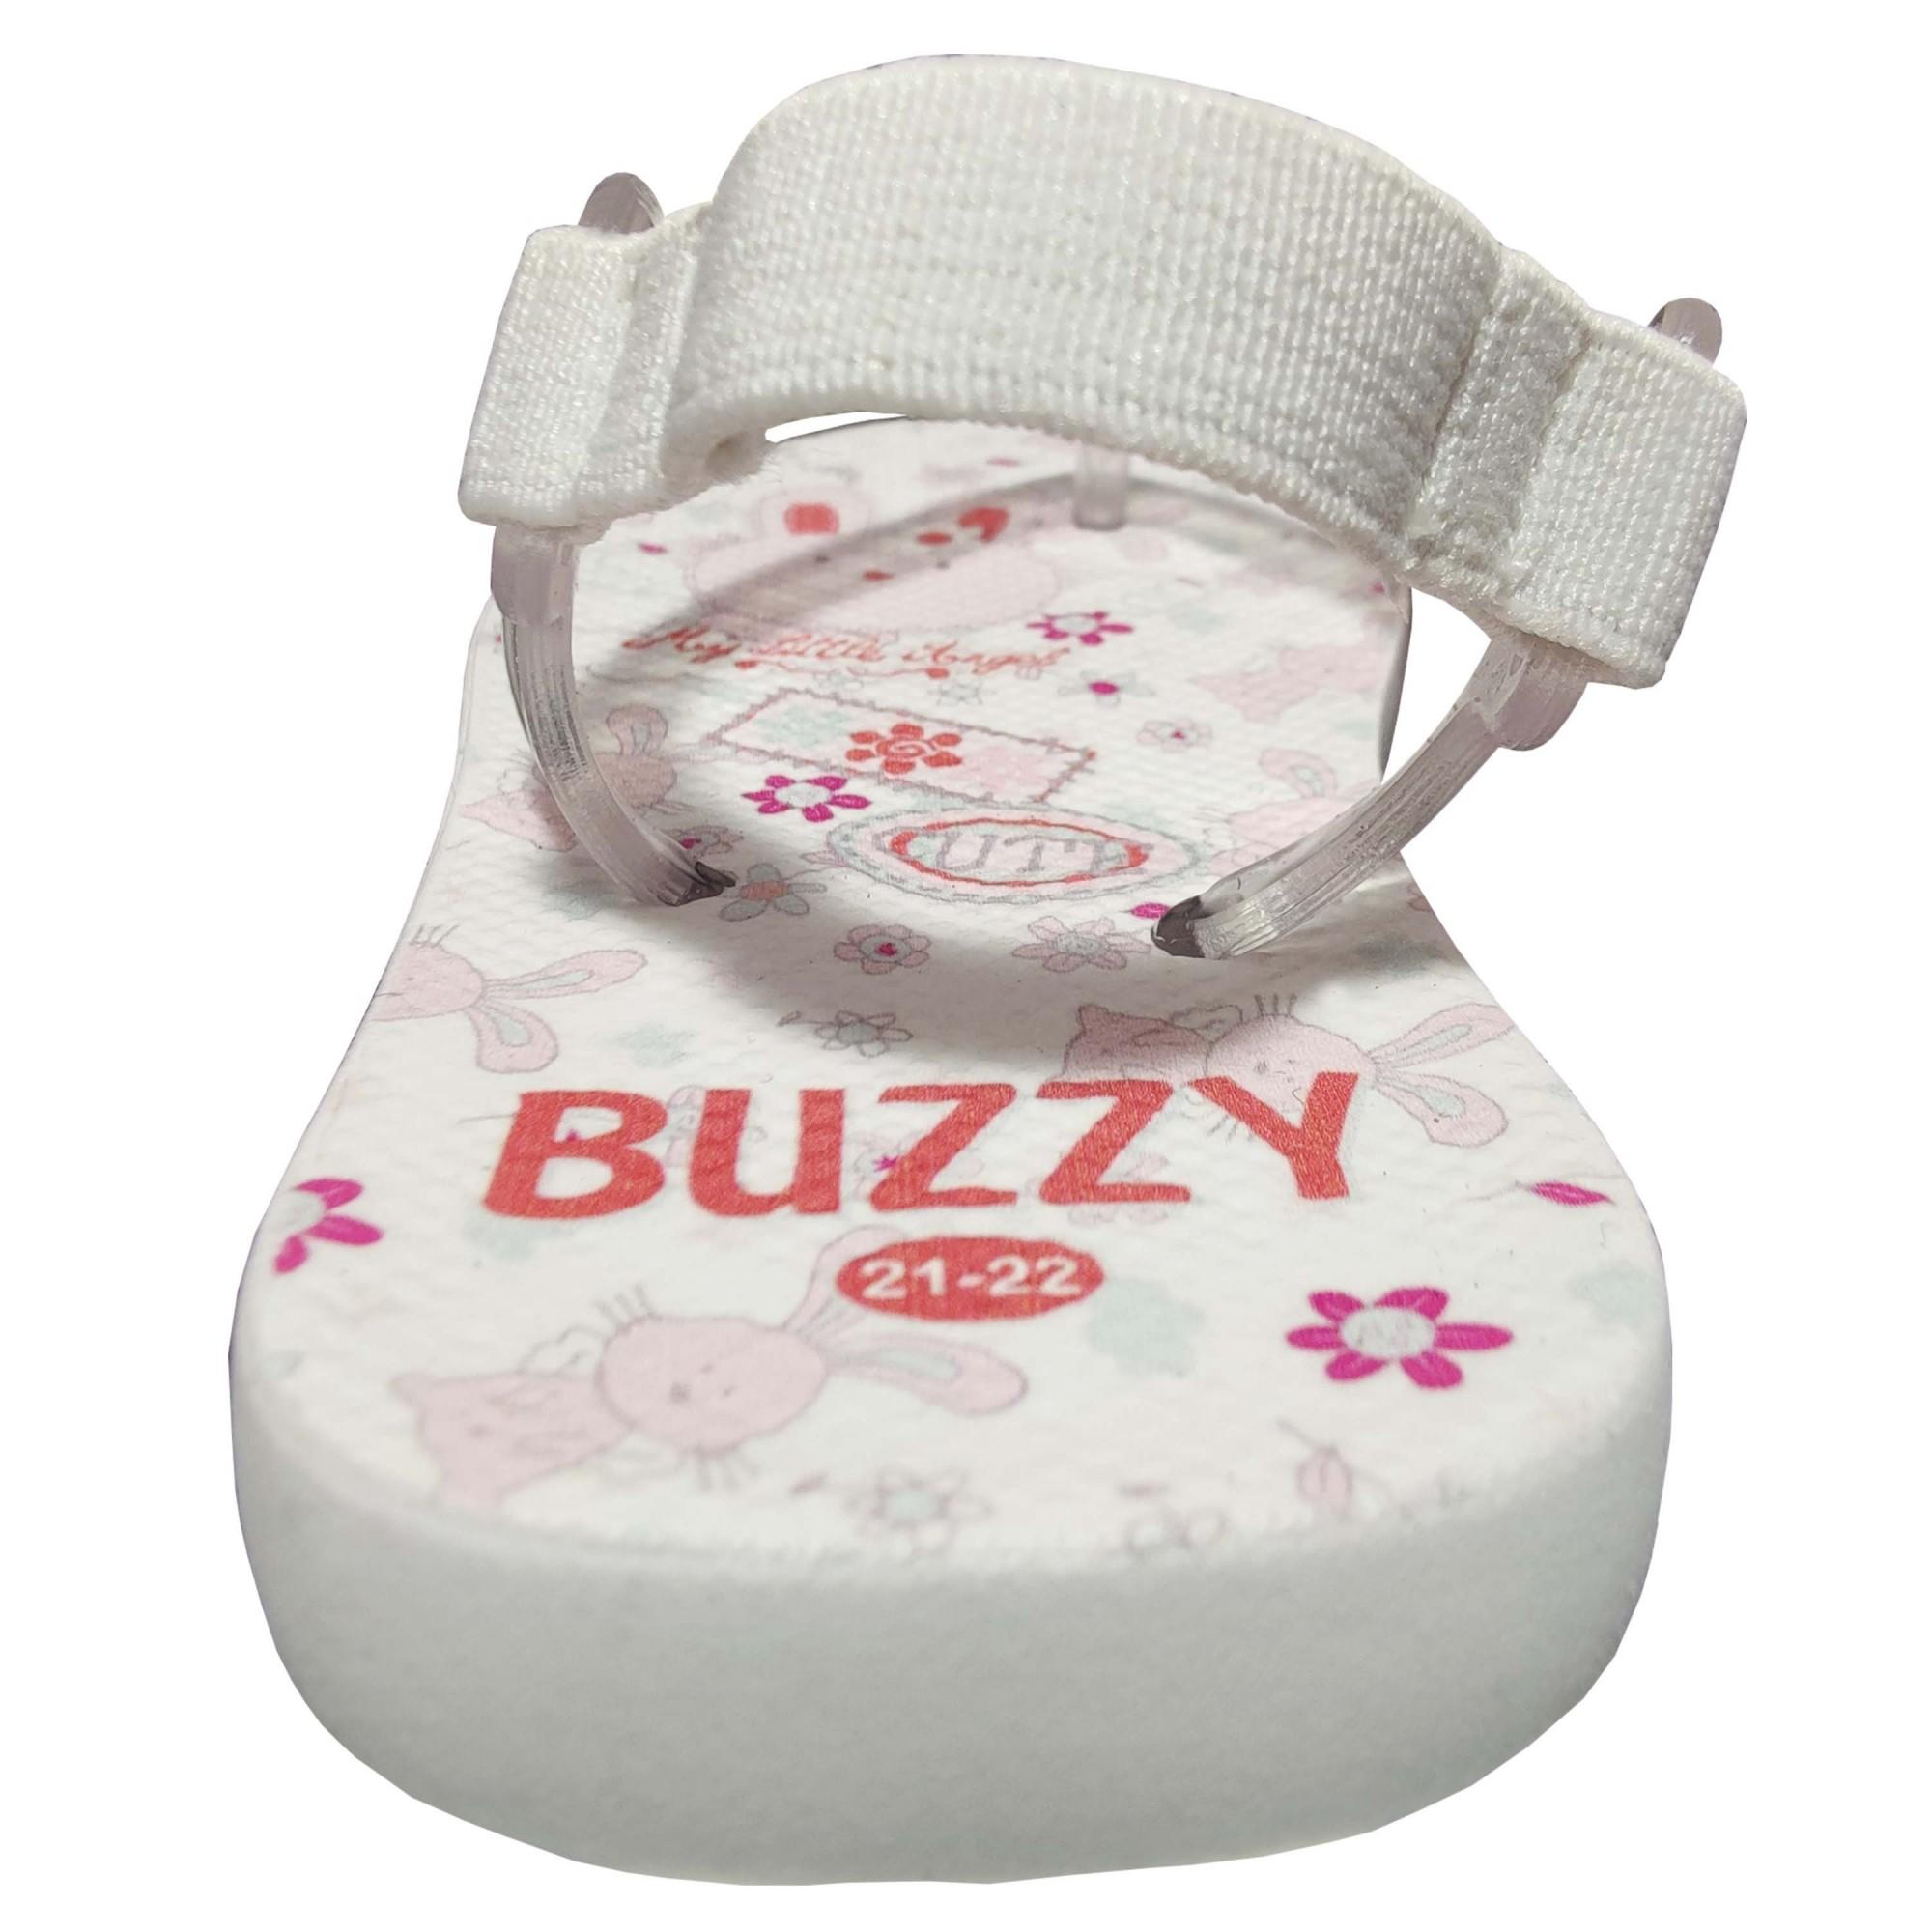 Chinelo Buzzy Sandália Infantil Coelhinho Bebê Meninas